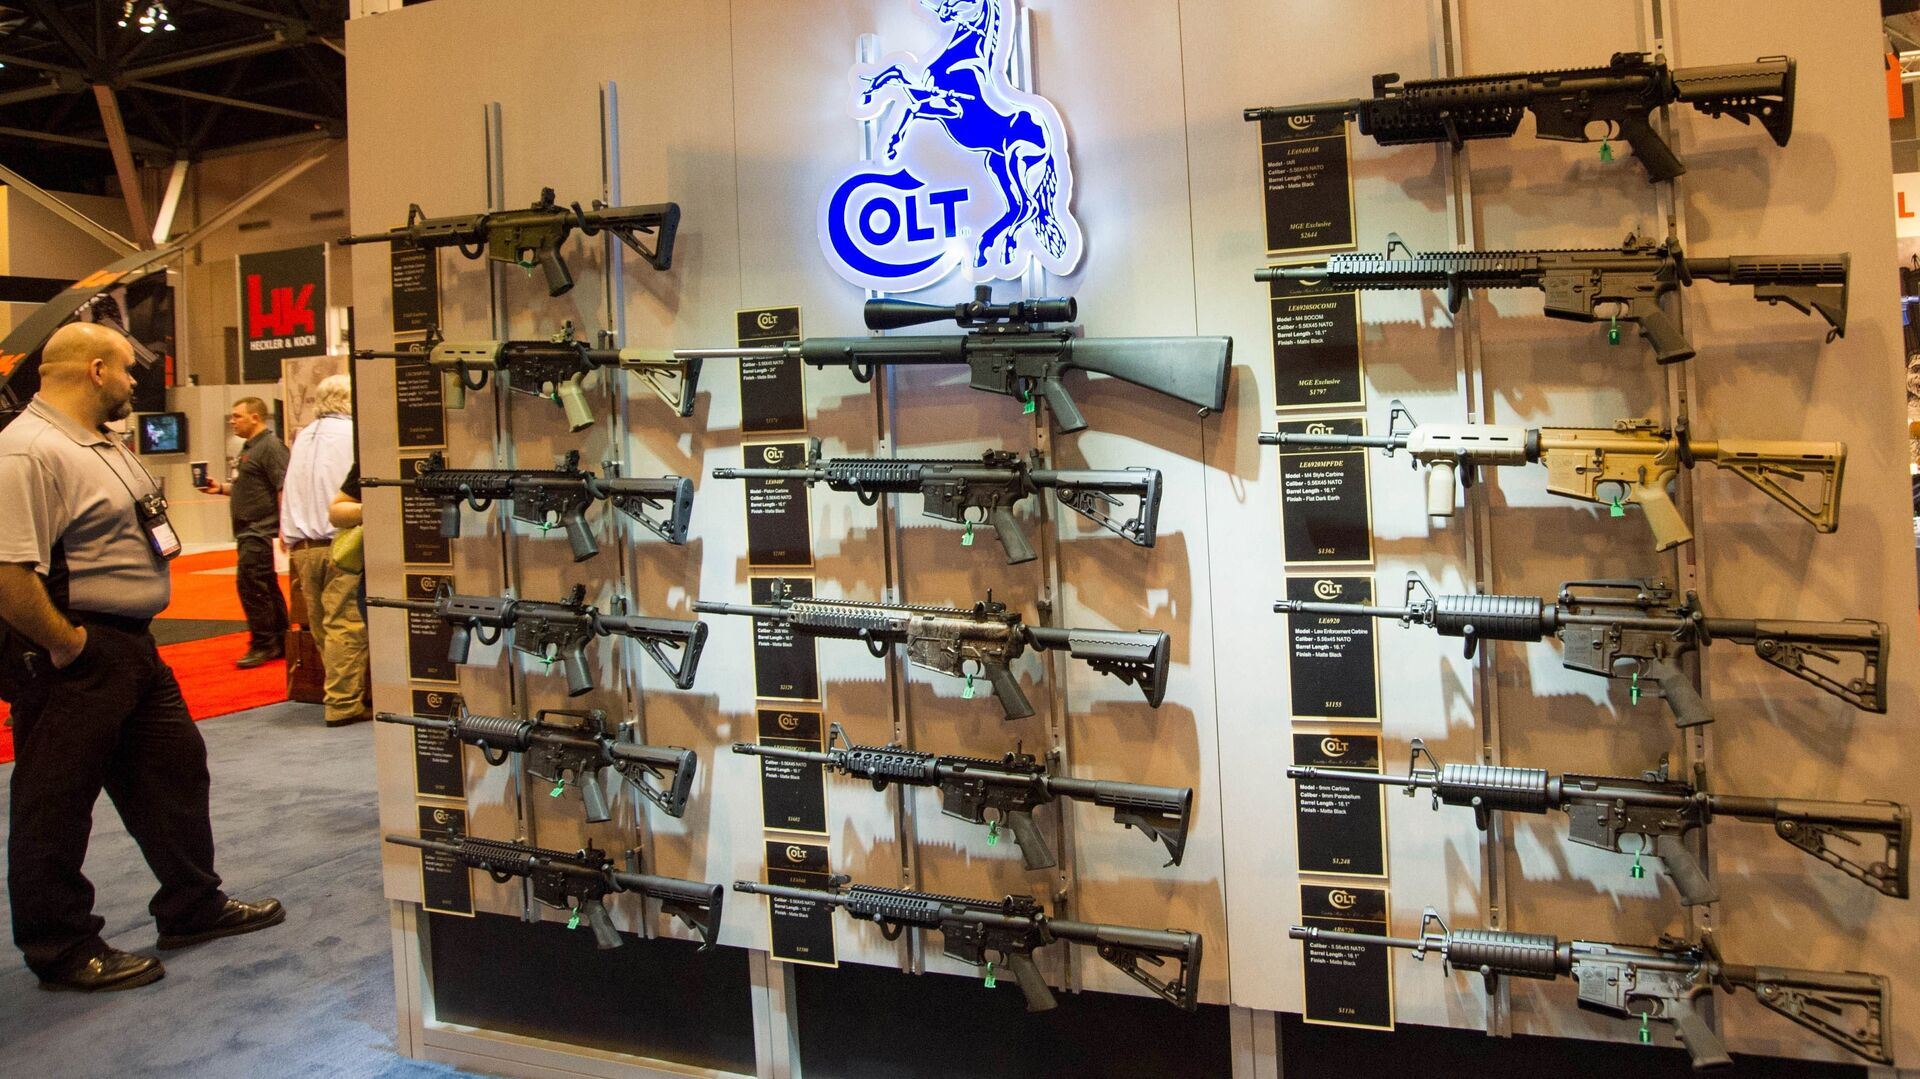 Stánek s karabiny Colt M4 v různých konfiguracích je vystaven na výroční výstavě Národní asociace střelců (NRA) 14. dubna 2012 v St. Louis, Missouri - Sputnik Česká republika, 1920, 24.05.2021